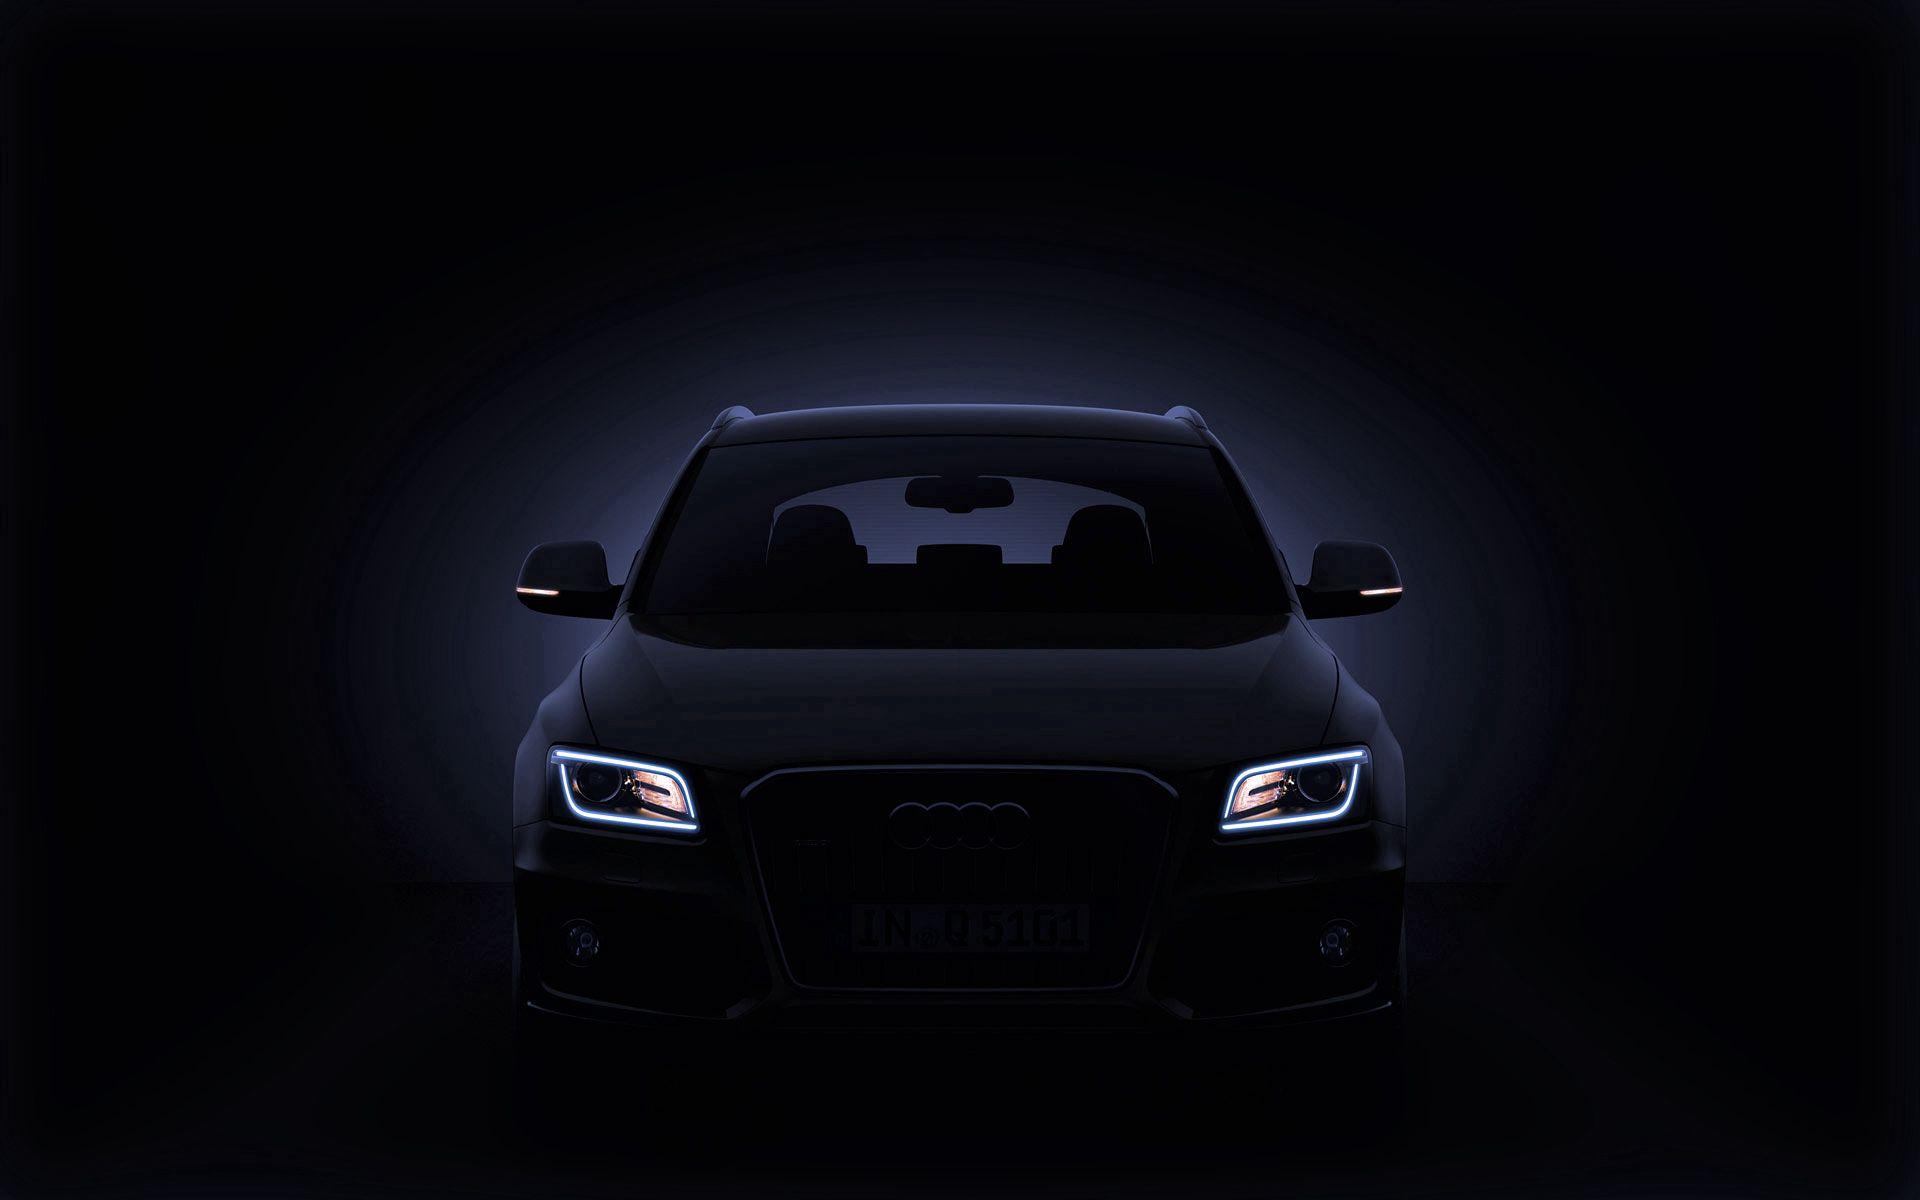 118447 Заставки и Обои Вид Спереди на телефон. Скачать Вид Спереди, Ауди (Audi), Тачки (Cars), Черный, Q5 картинки бесплатно